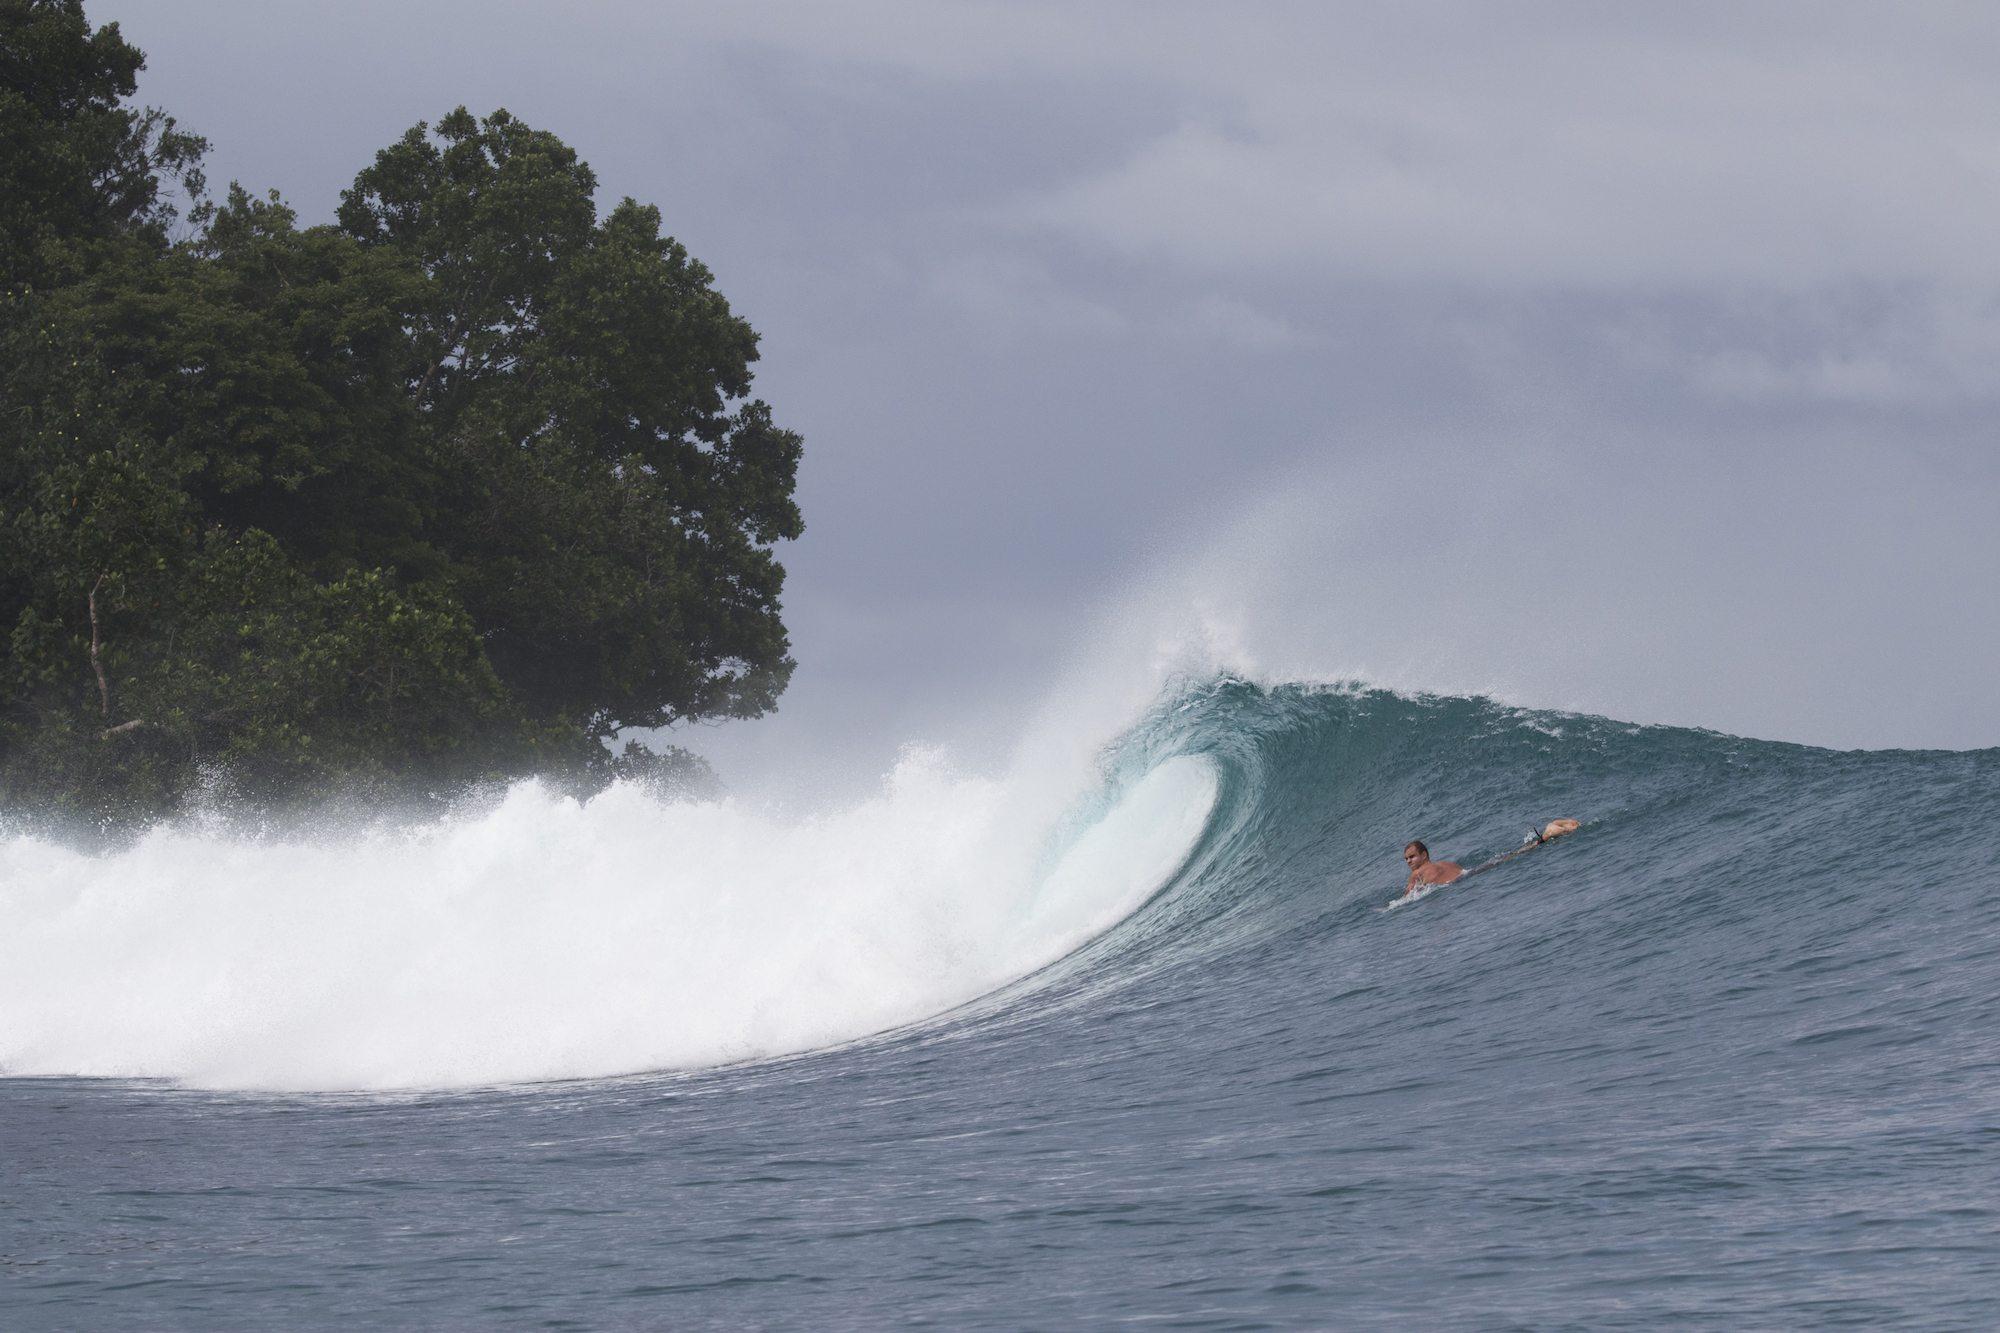 surfer in plunging wave, surf banyak